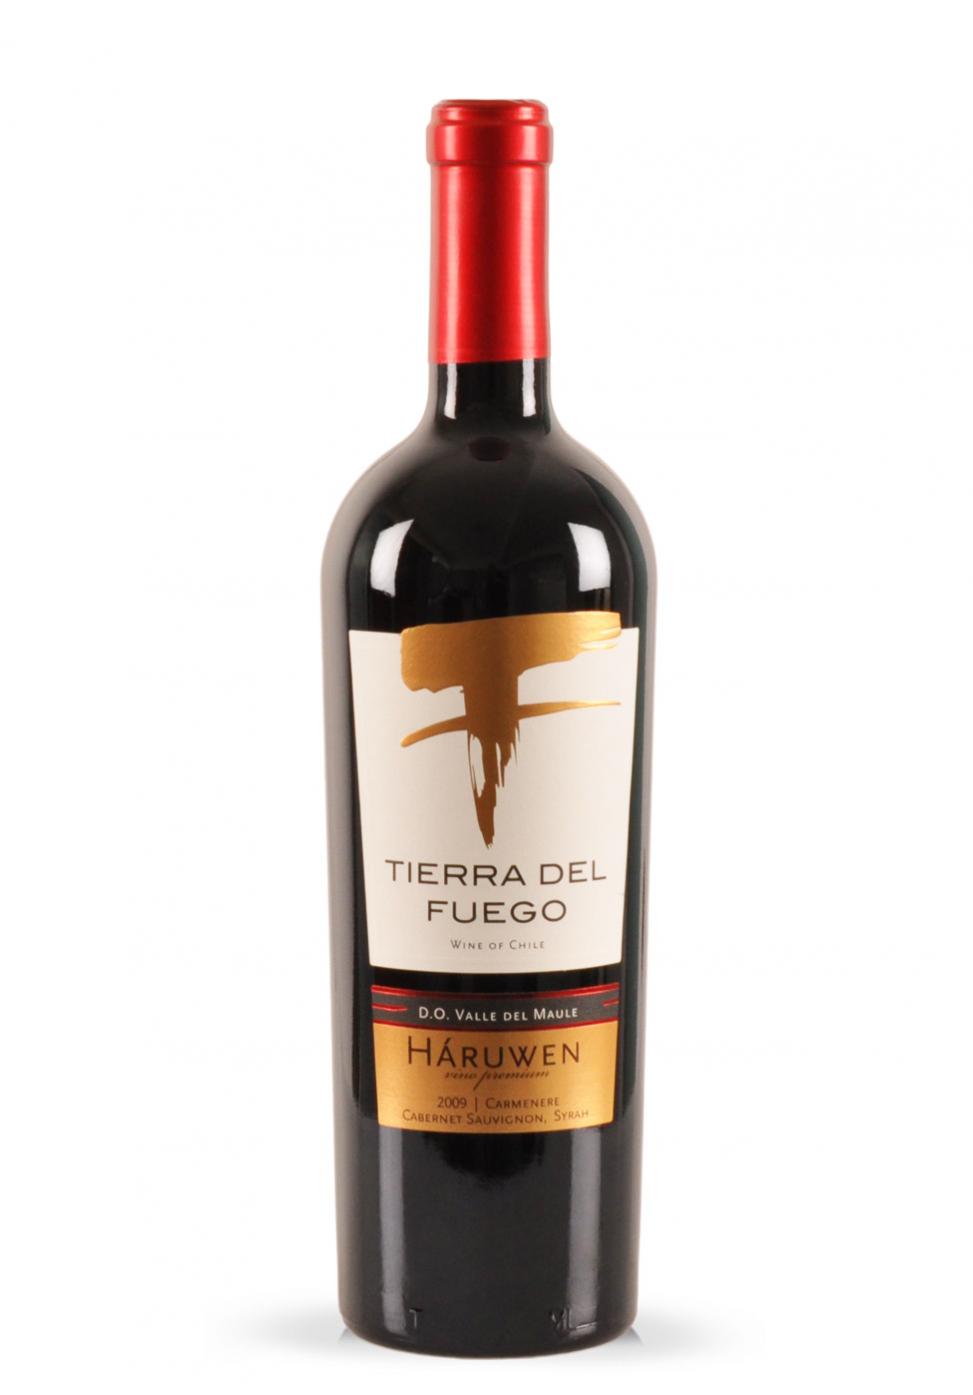 Vin Tierra del Fuego, Carmenere, Cabernet, Syrah, Haruwen, 2009 (0.75L)